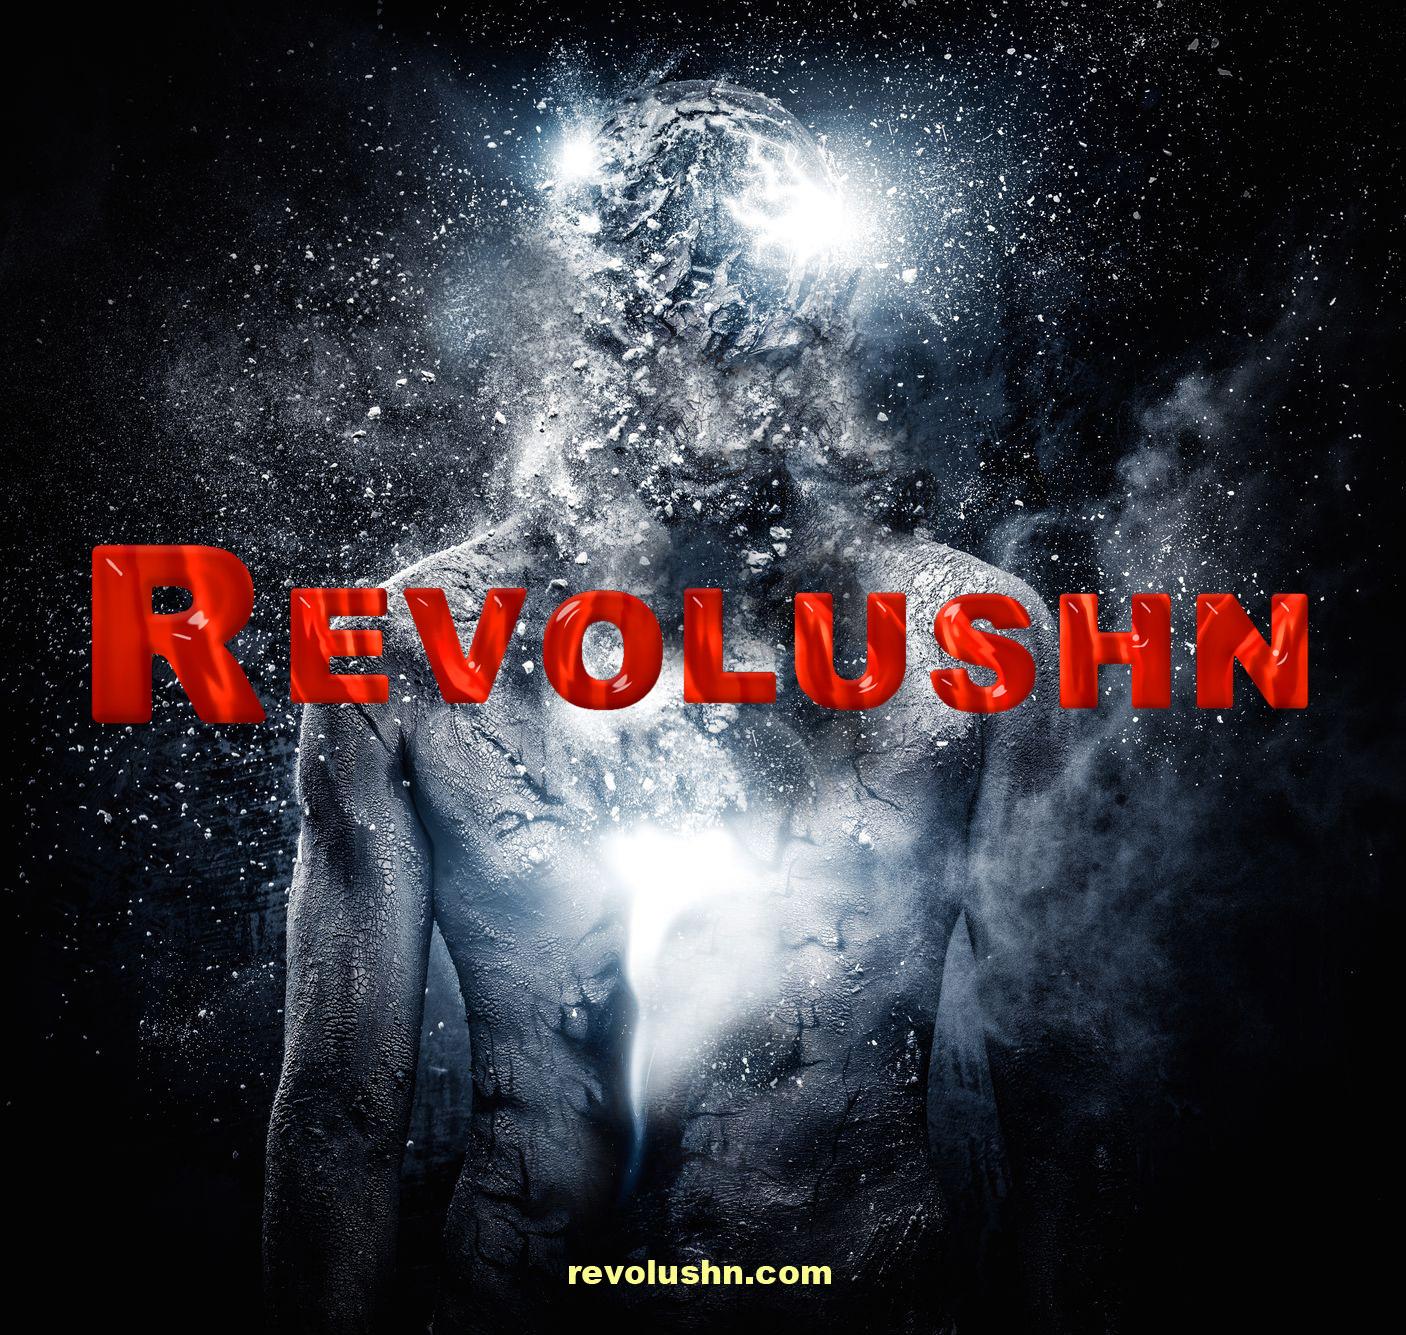 Revolushn – The Freshman